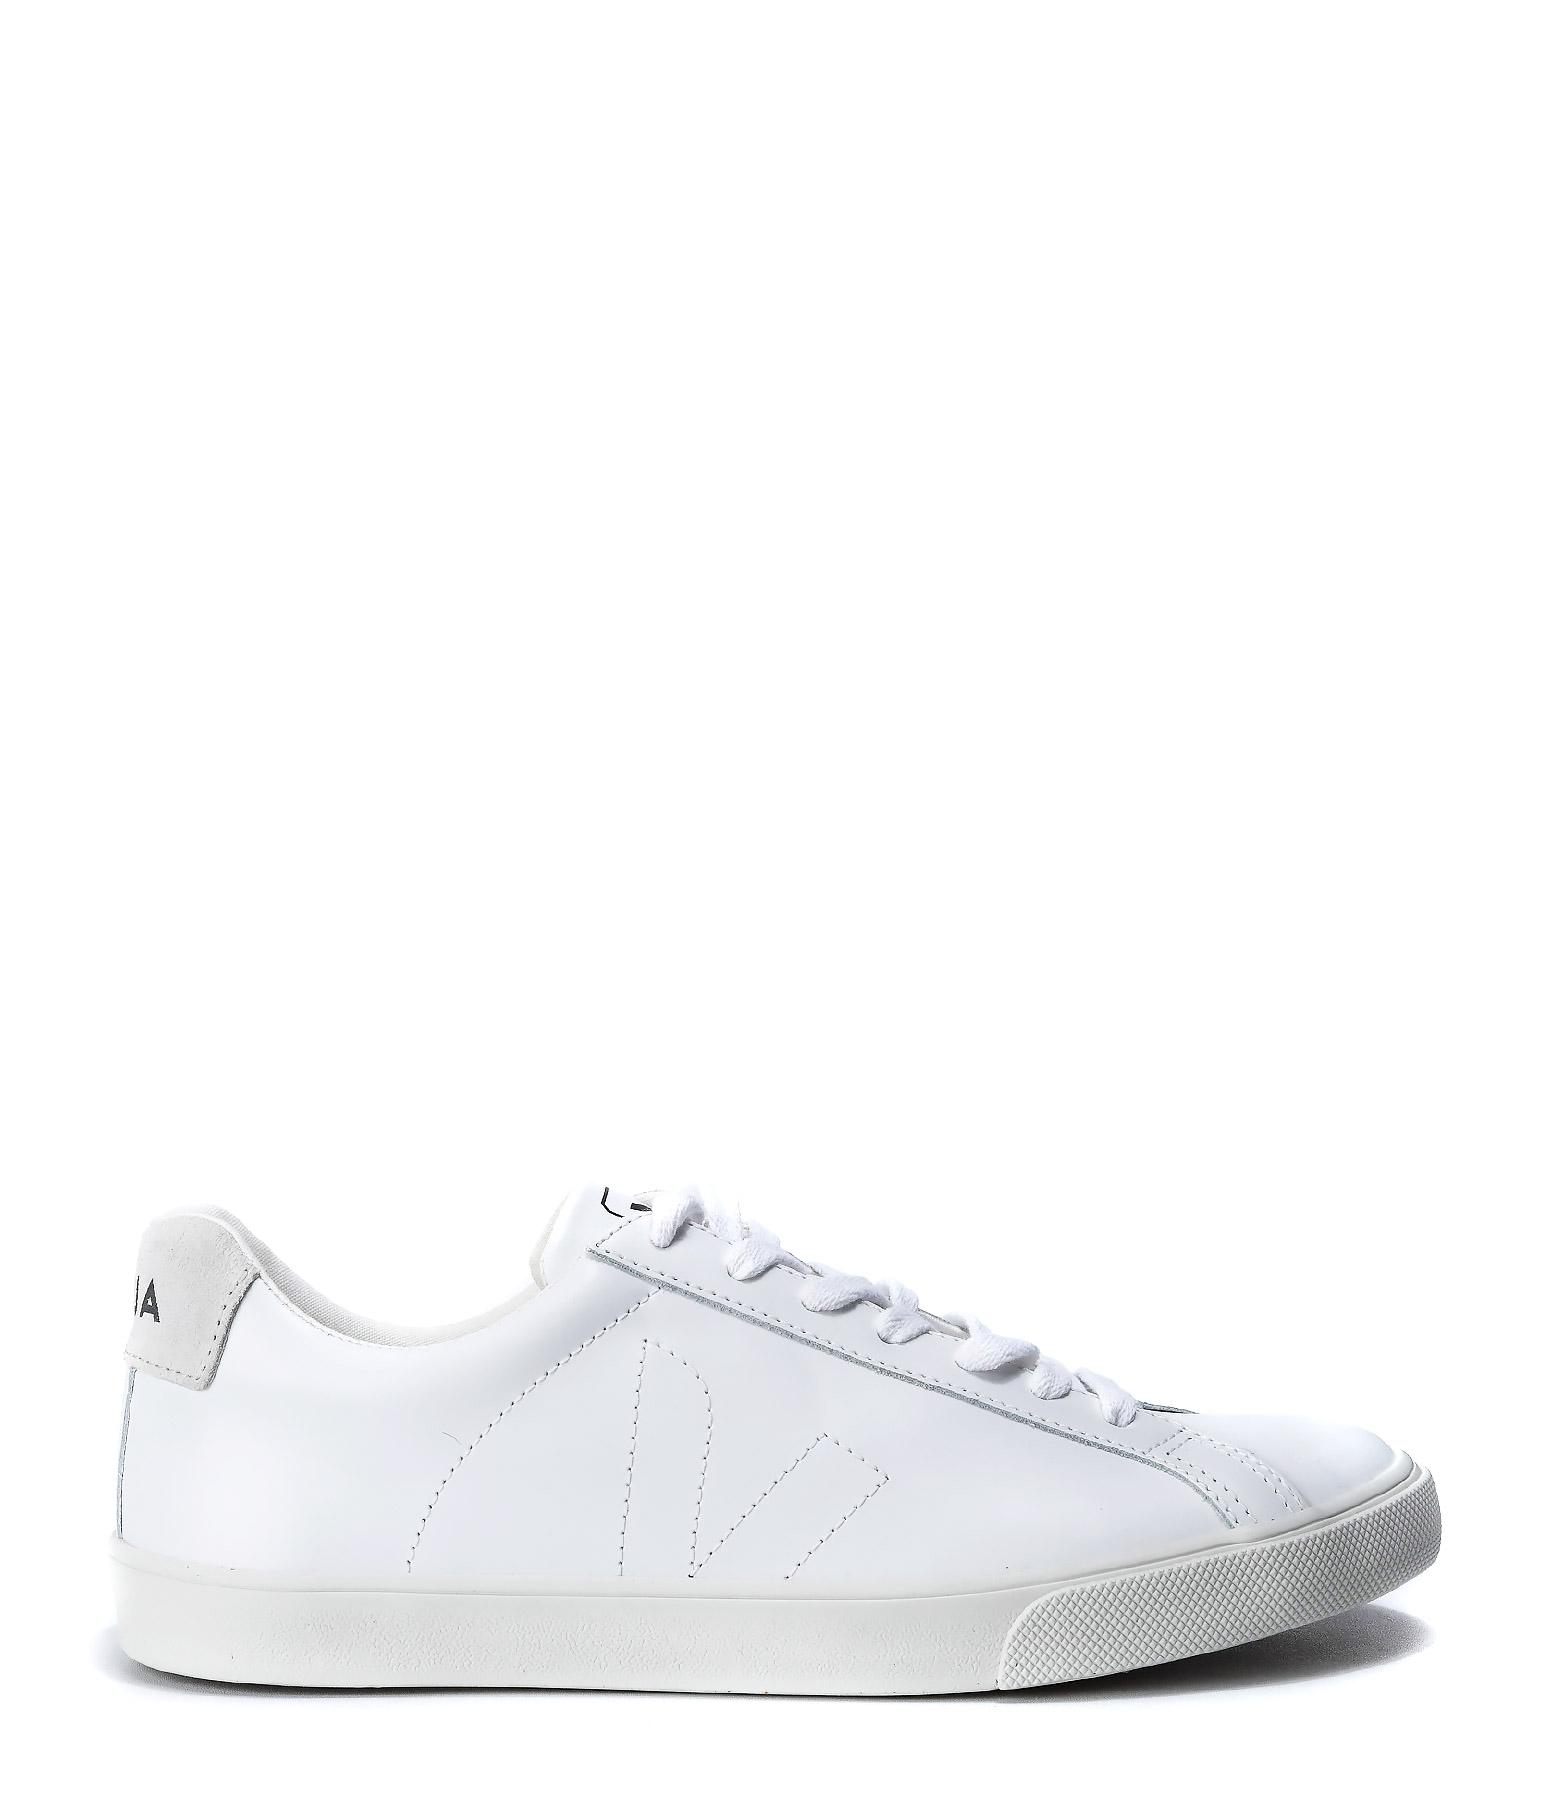 Baskets Esplar Cuir Extra White